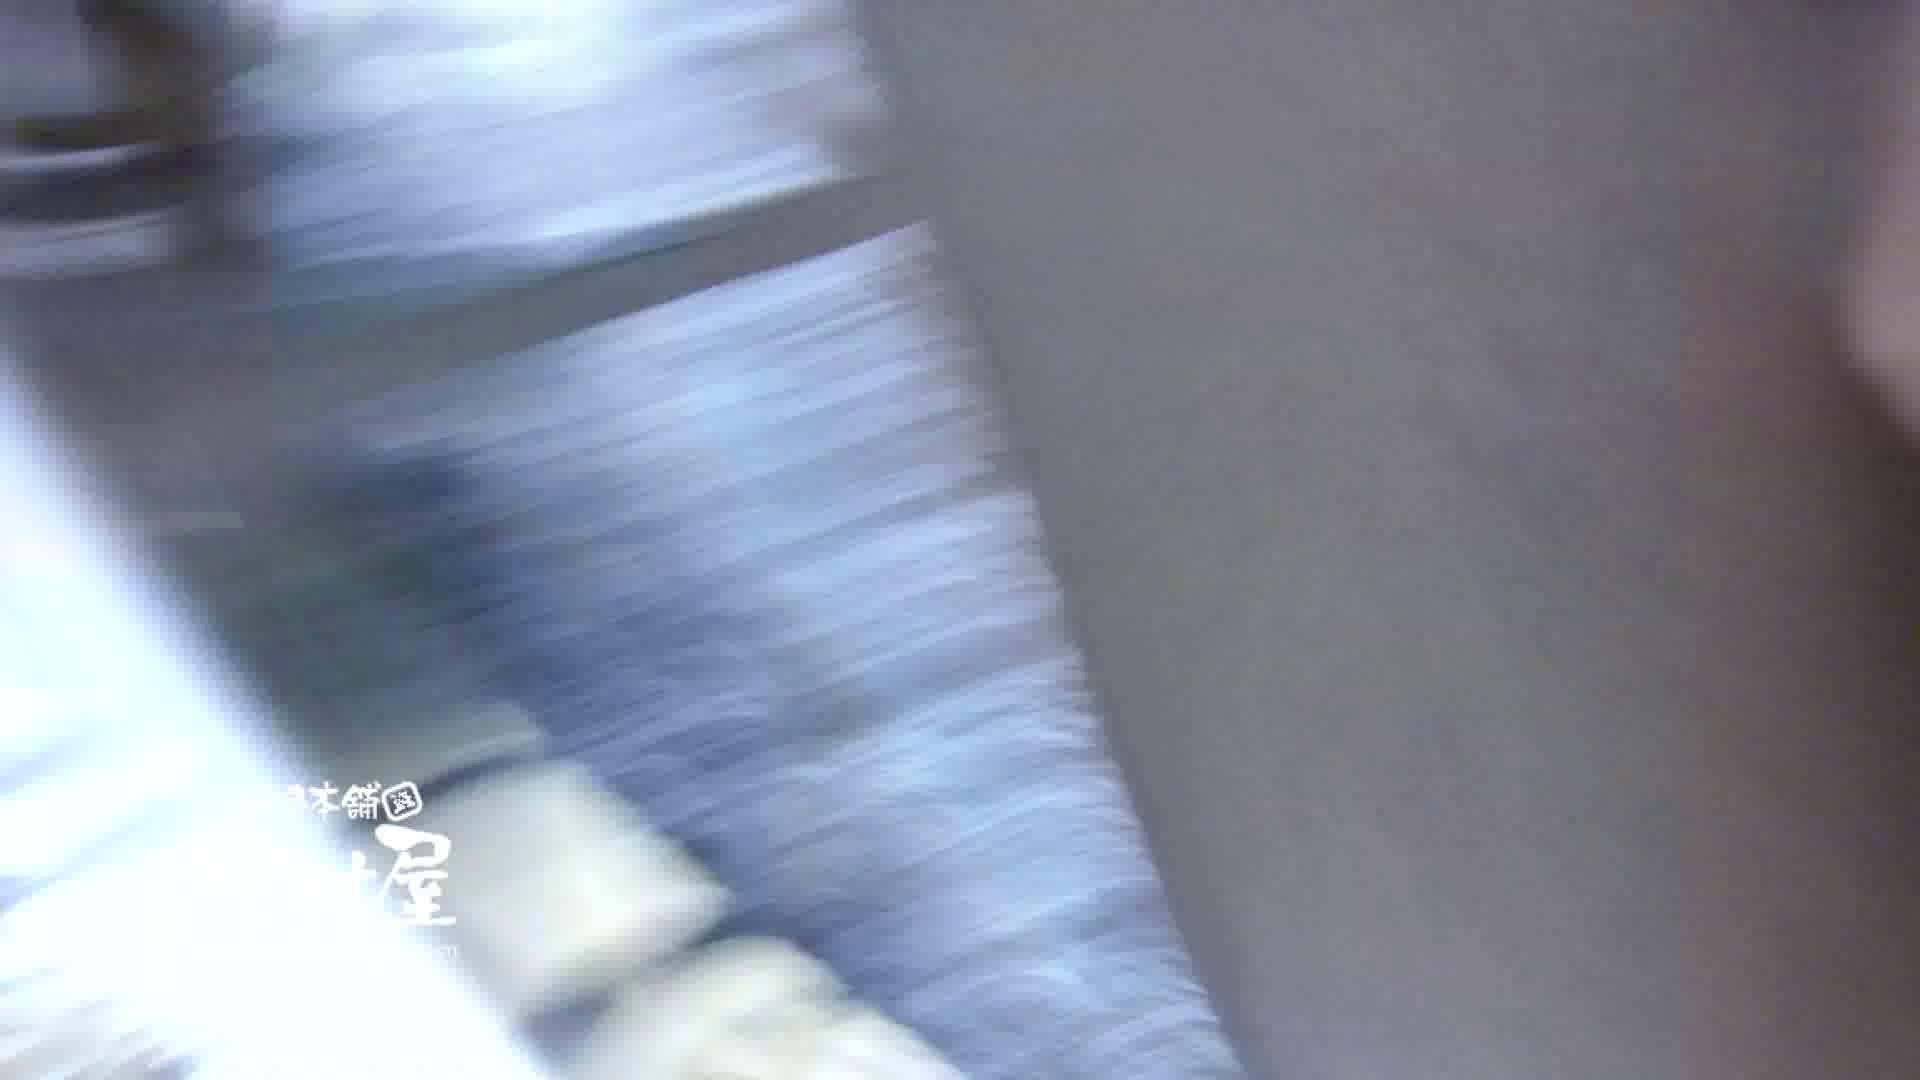 鬼畜 vol.15 ハスキーボイスで感じてんじゃねーよ! 前編 鬼畜  77pic 49